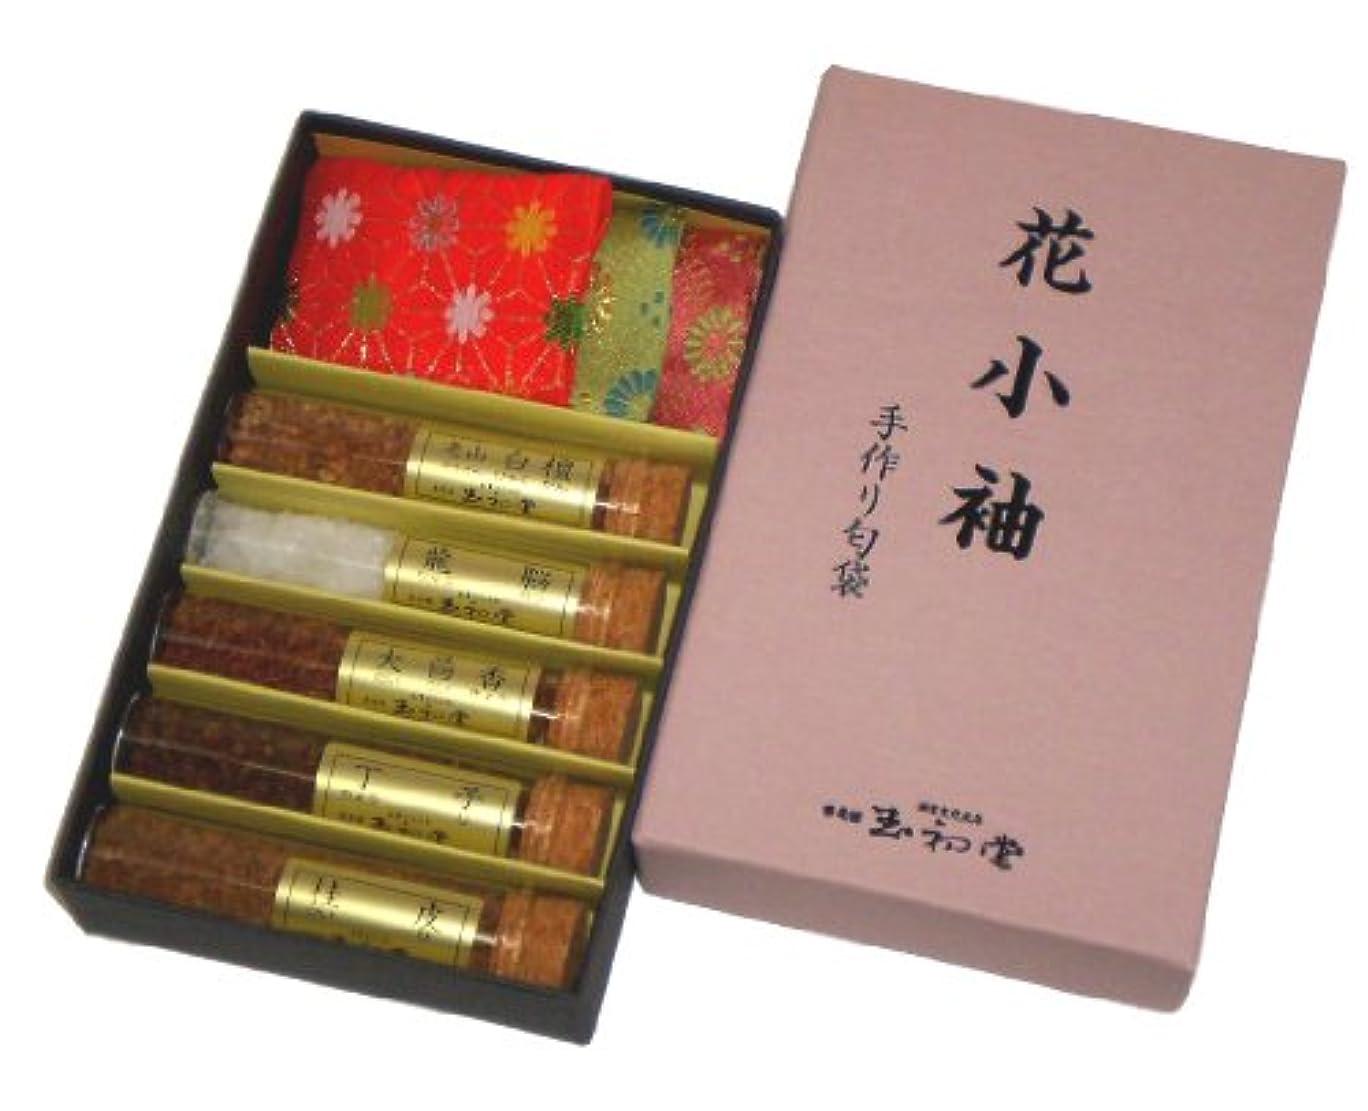 辞書鍔タブレット玉初堂のお香 花小袖 手作り匂袋 #2803